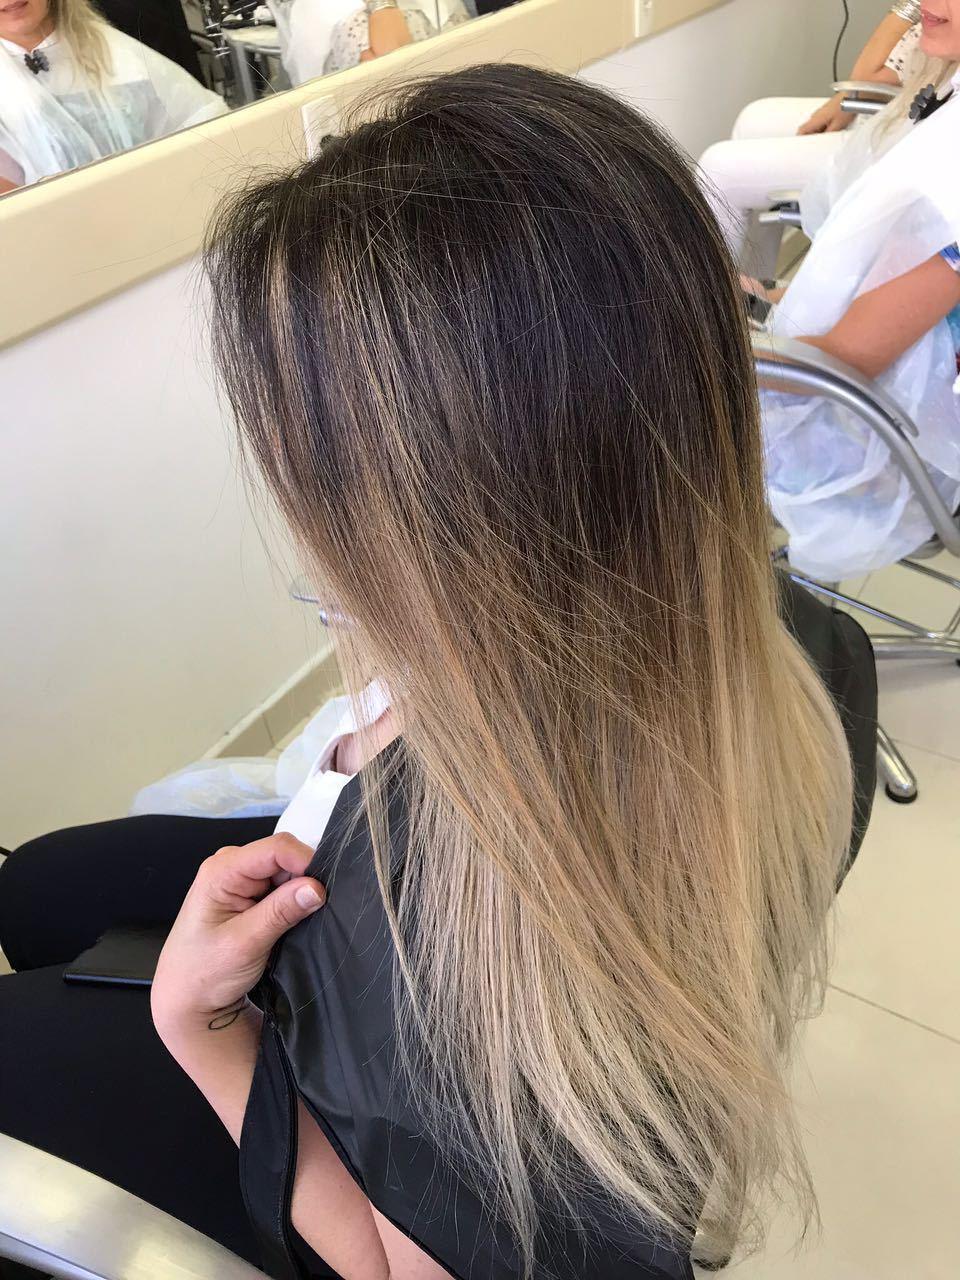 Mechas OmbreHair. #lorealpro #mechas #ombrehair cabelo estudante (cabeleireiro) auxiliar cabeleireiro(a) cabeleireiro(a)